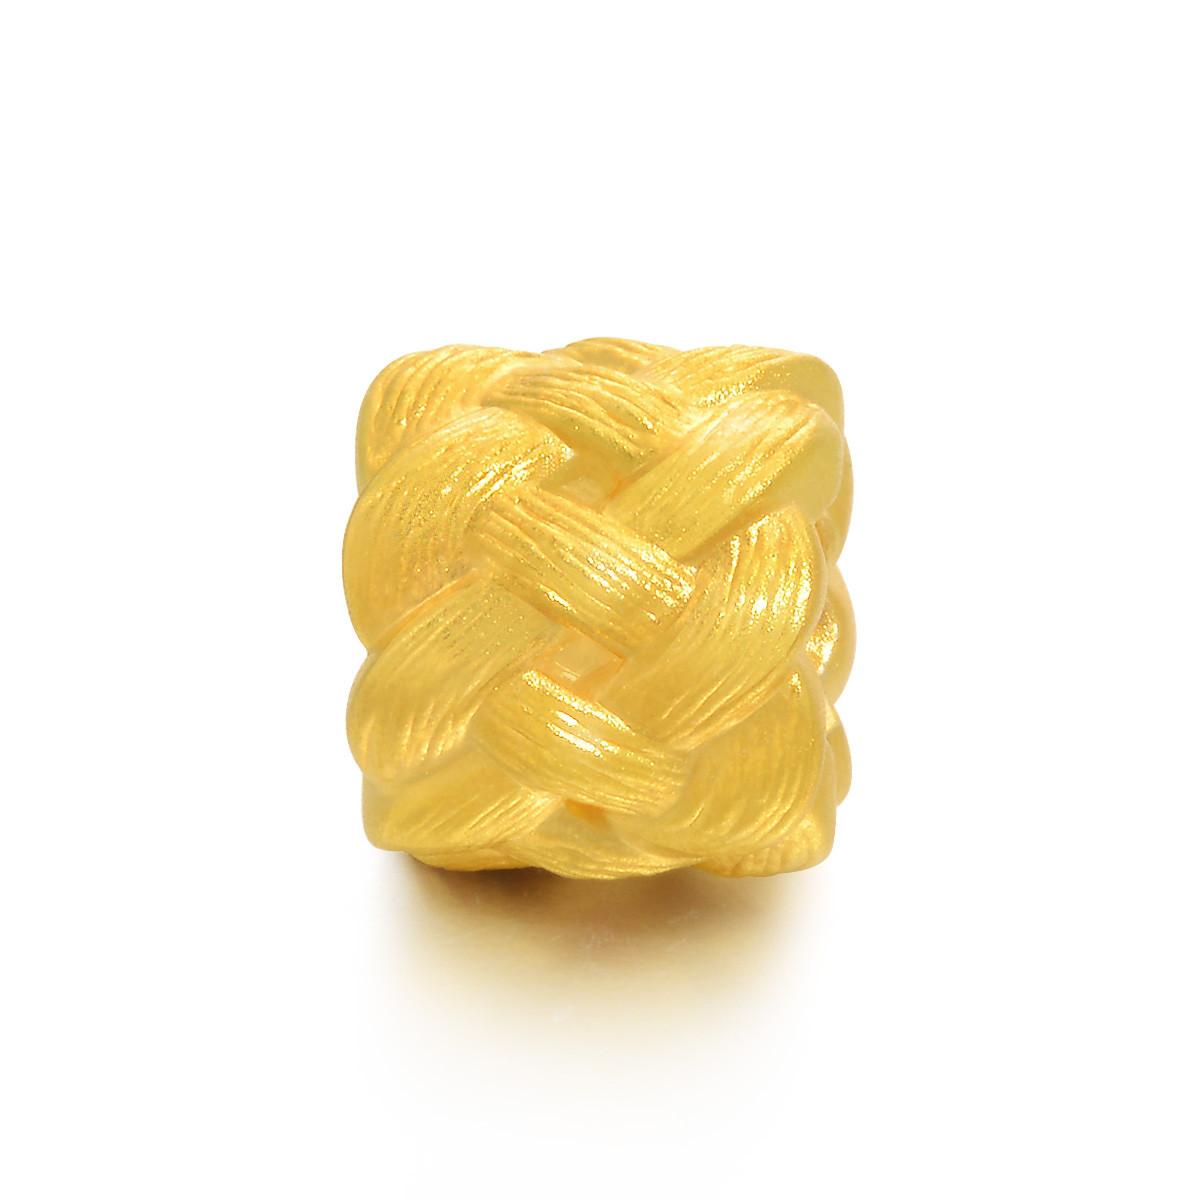 周生生周生生足金手链串珠长寿绳结手链黄金转运珠(配绳需另购)B86336p如图